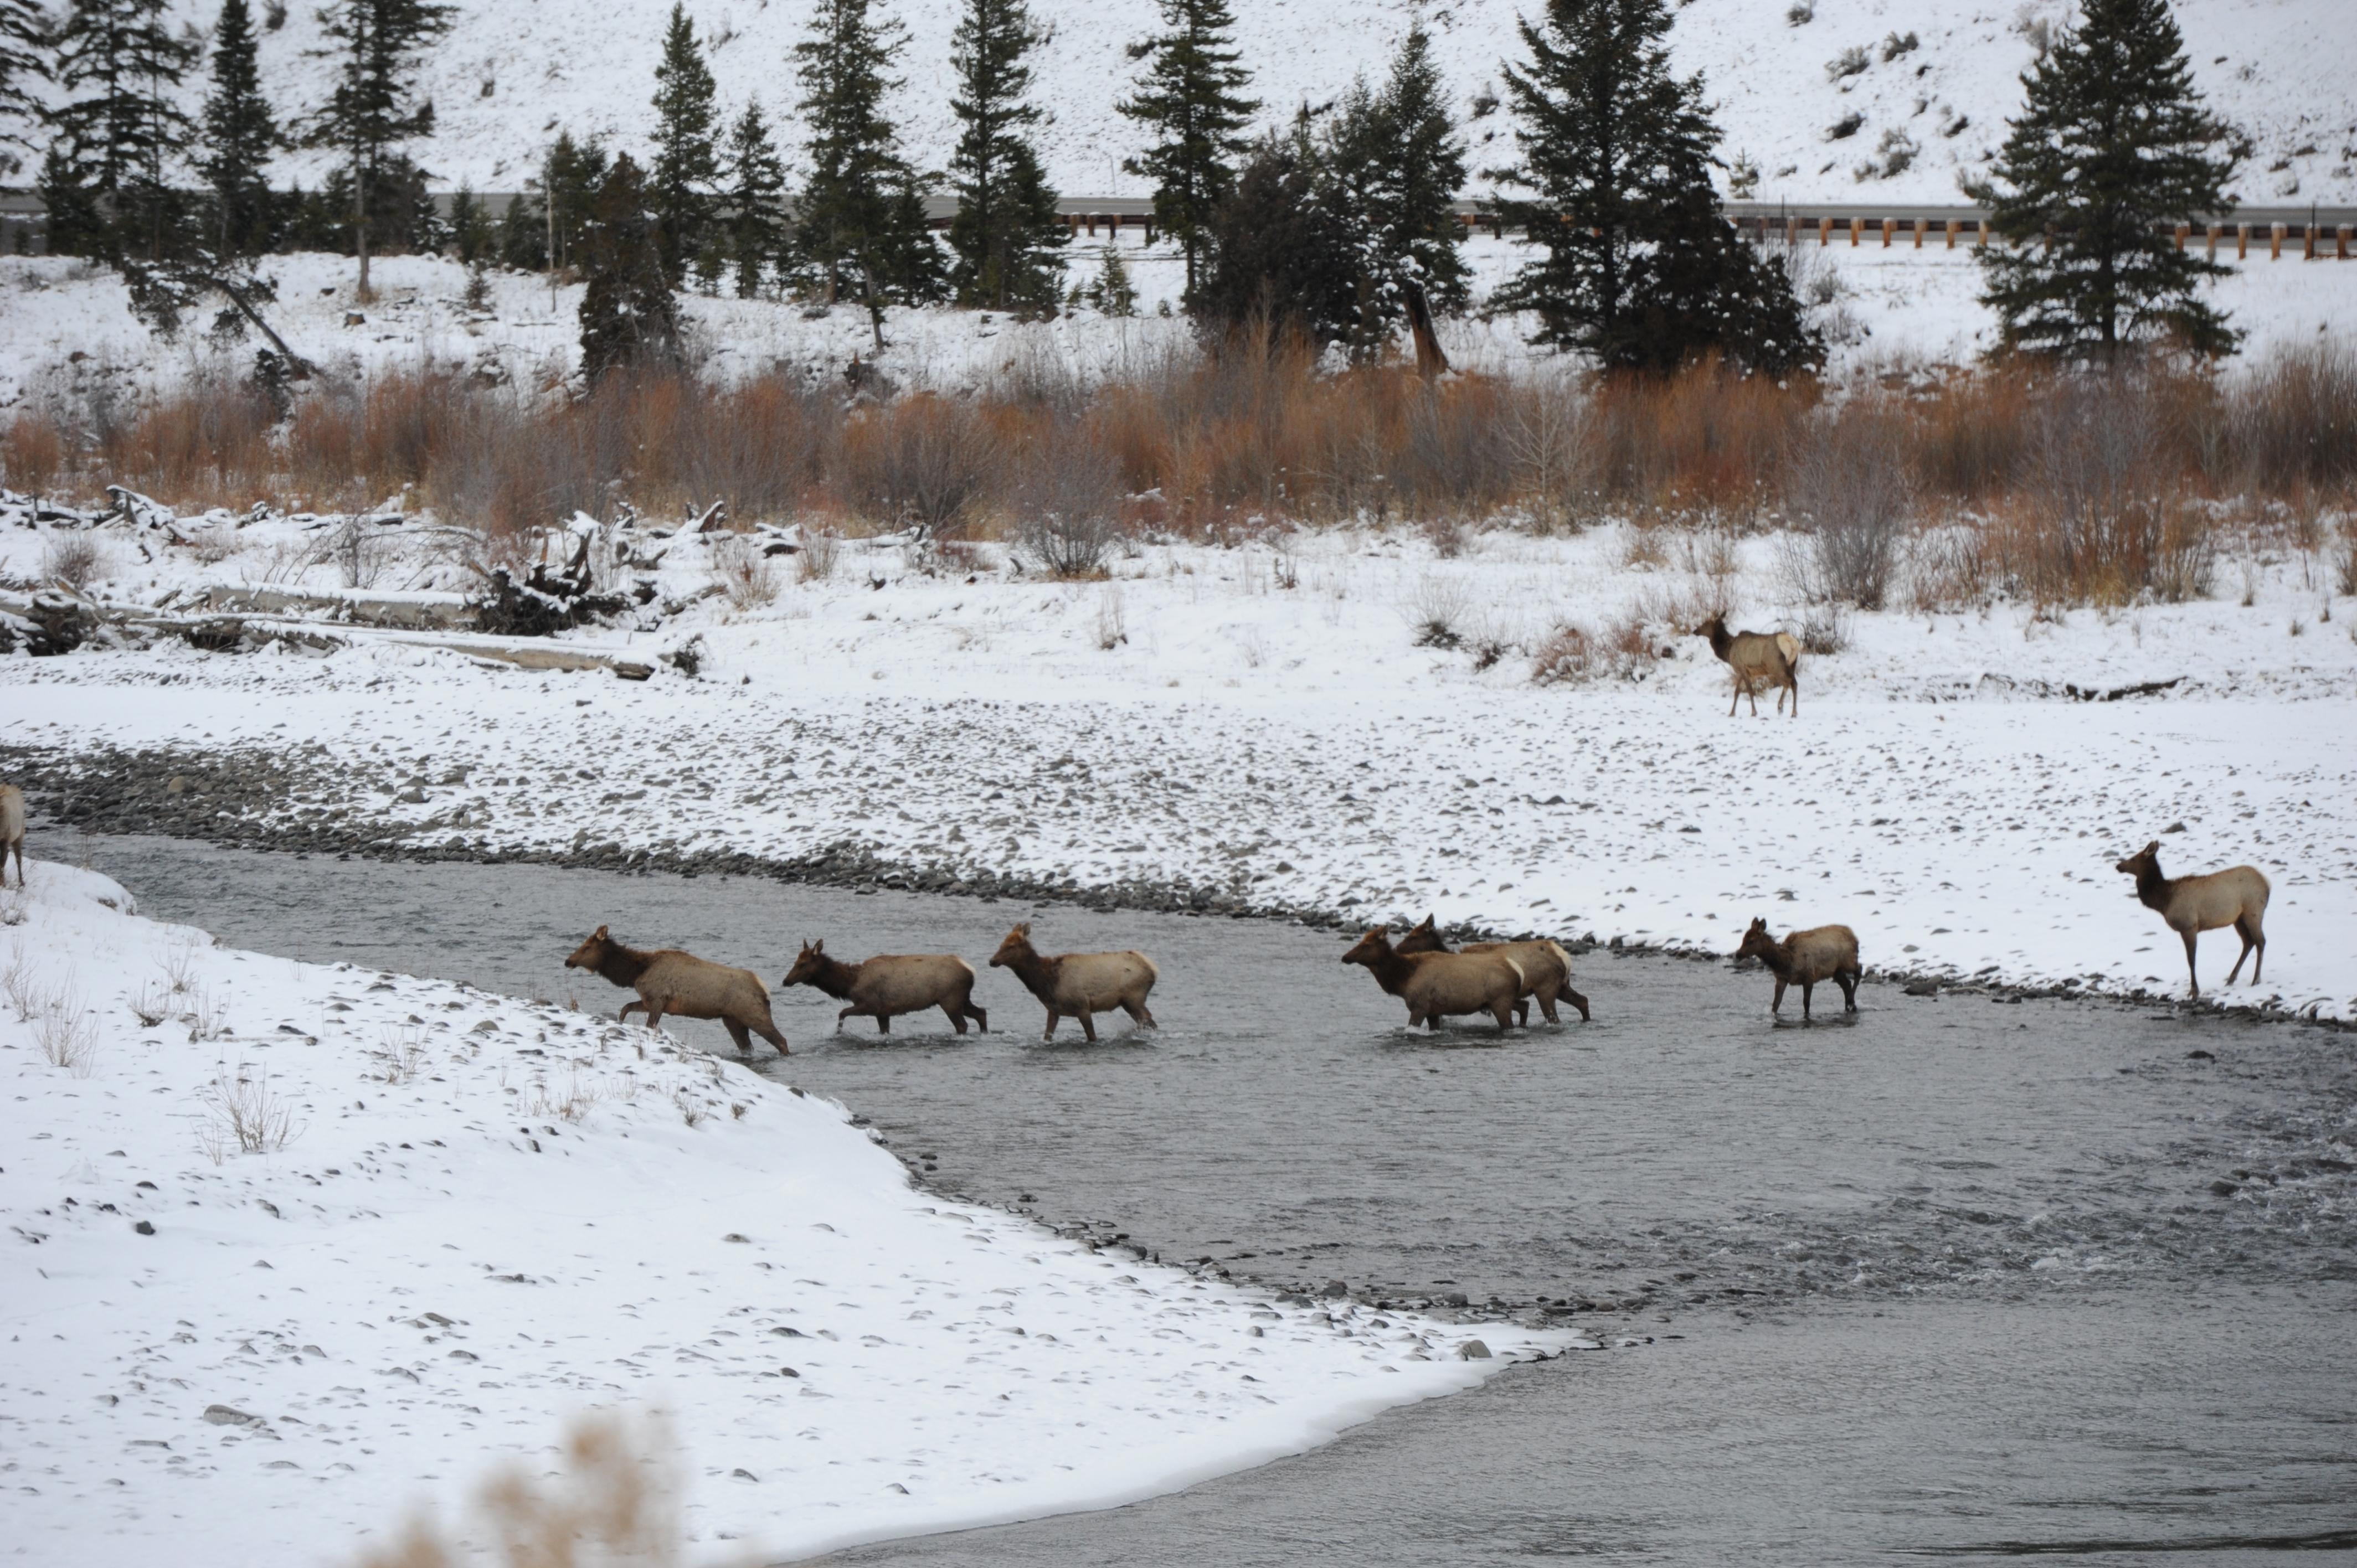 Elk+crossing+river.jpg